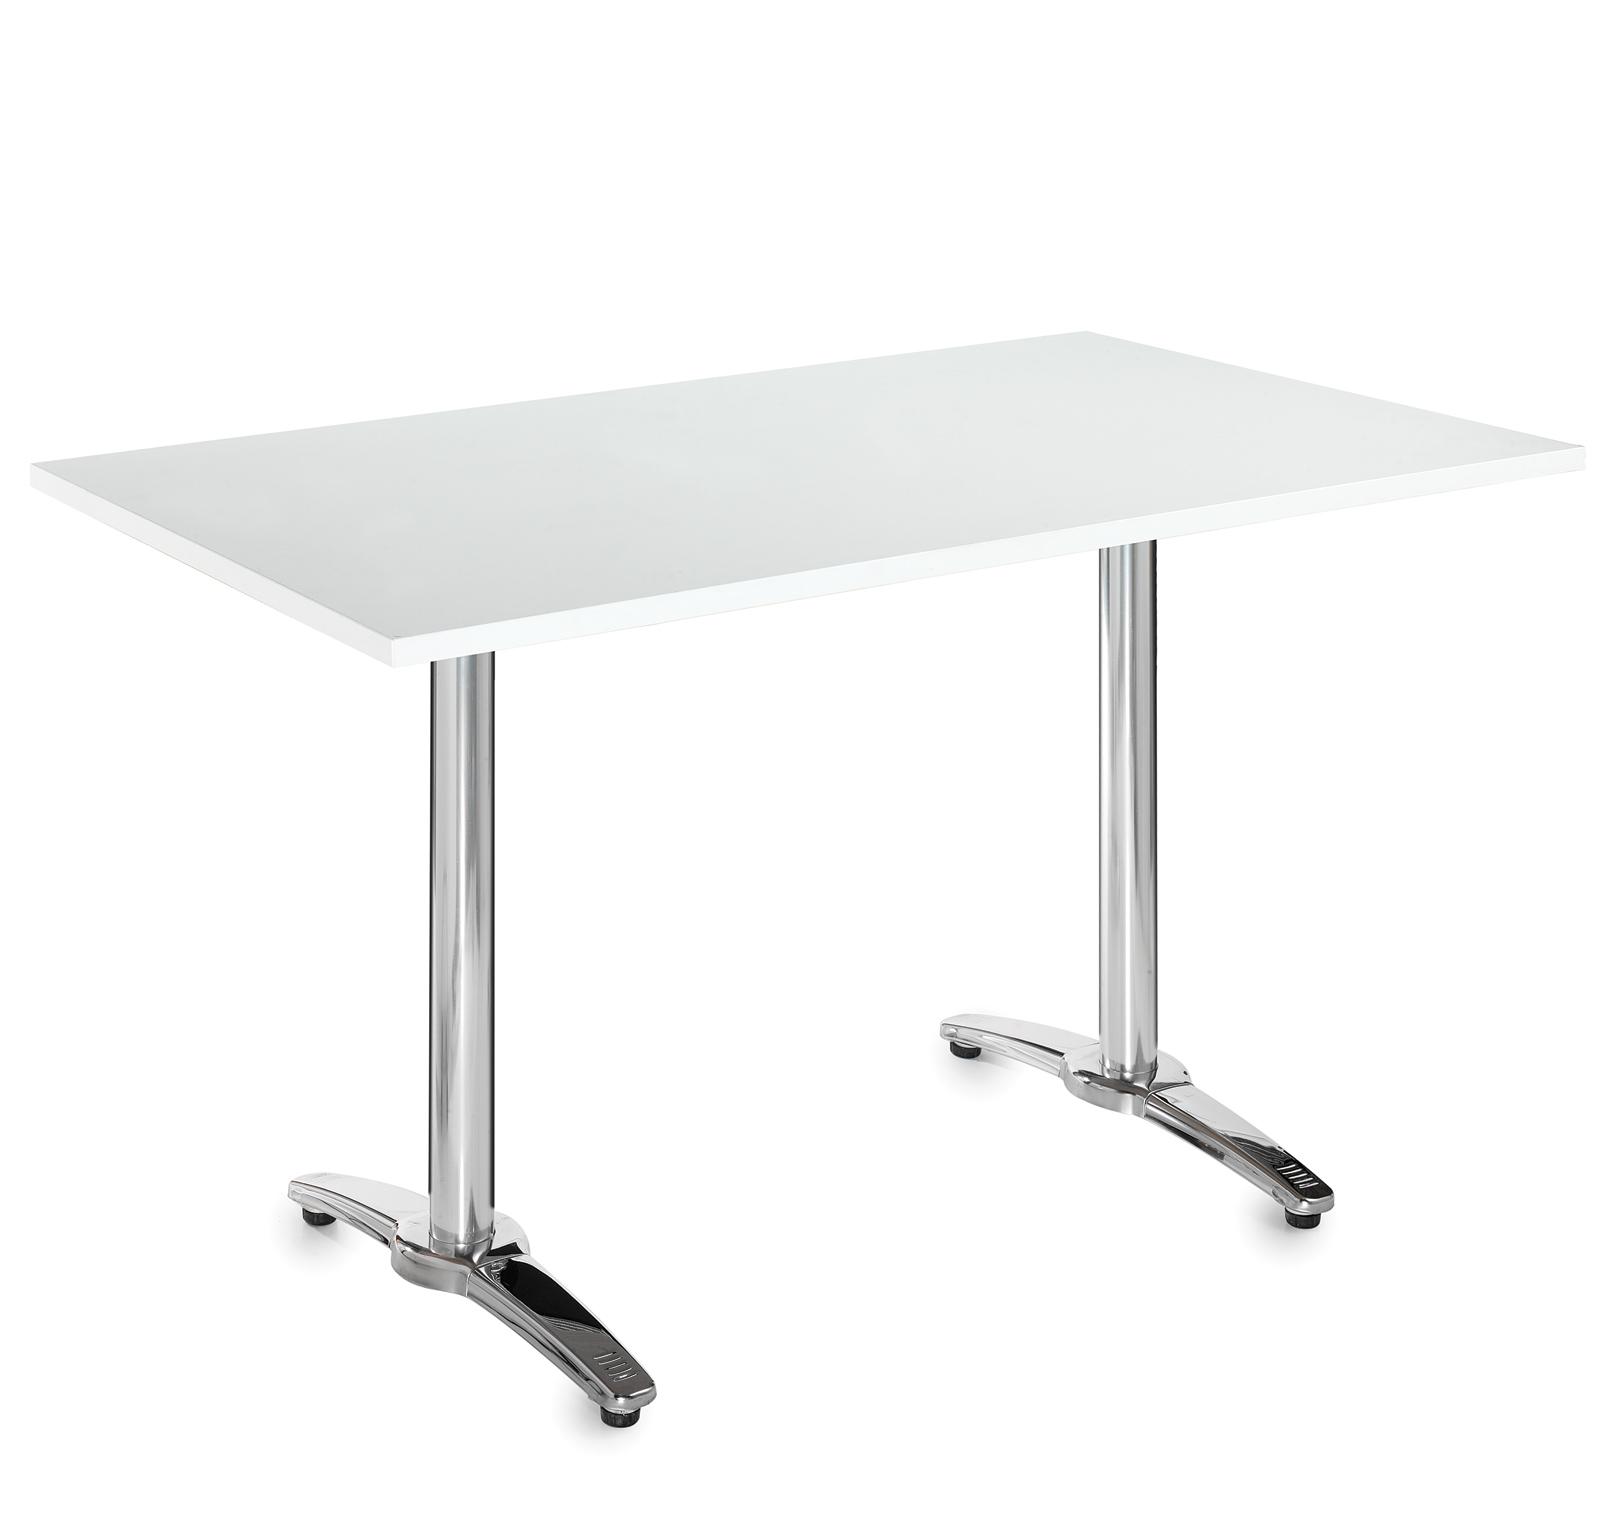 Image for Roma alu rectangular white tble 1600x800